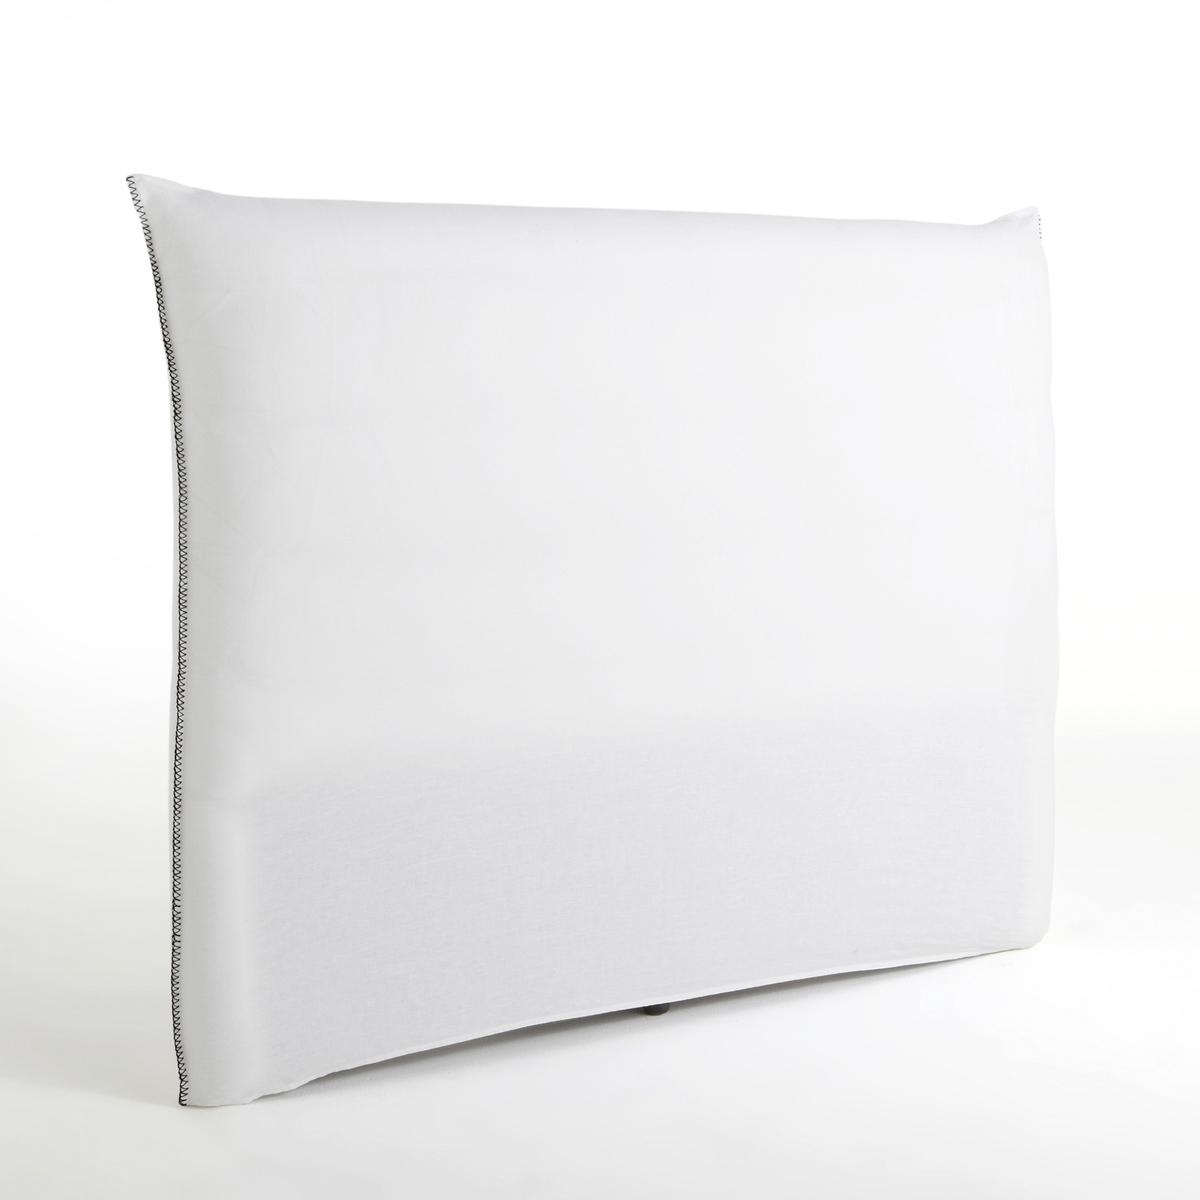 Чехол для изголовья кровати льняной, с отделкой петельным швом, Mereson от La Redoute